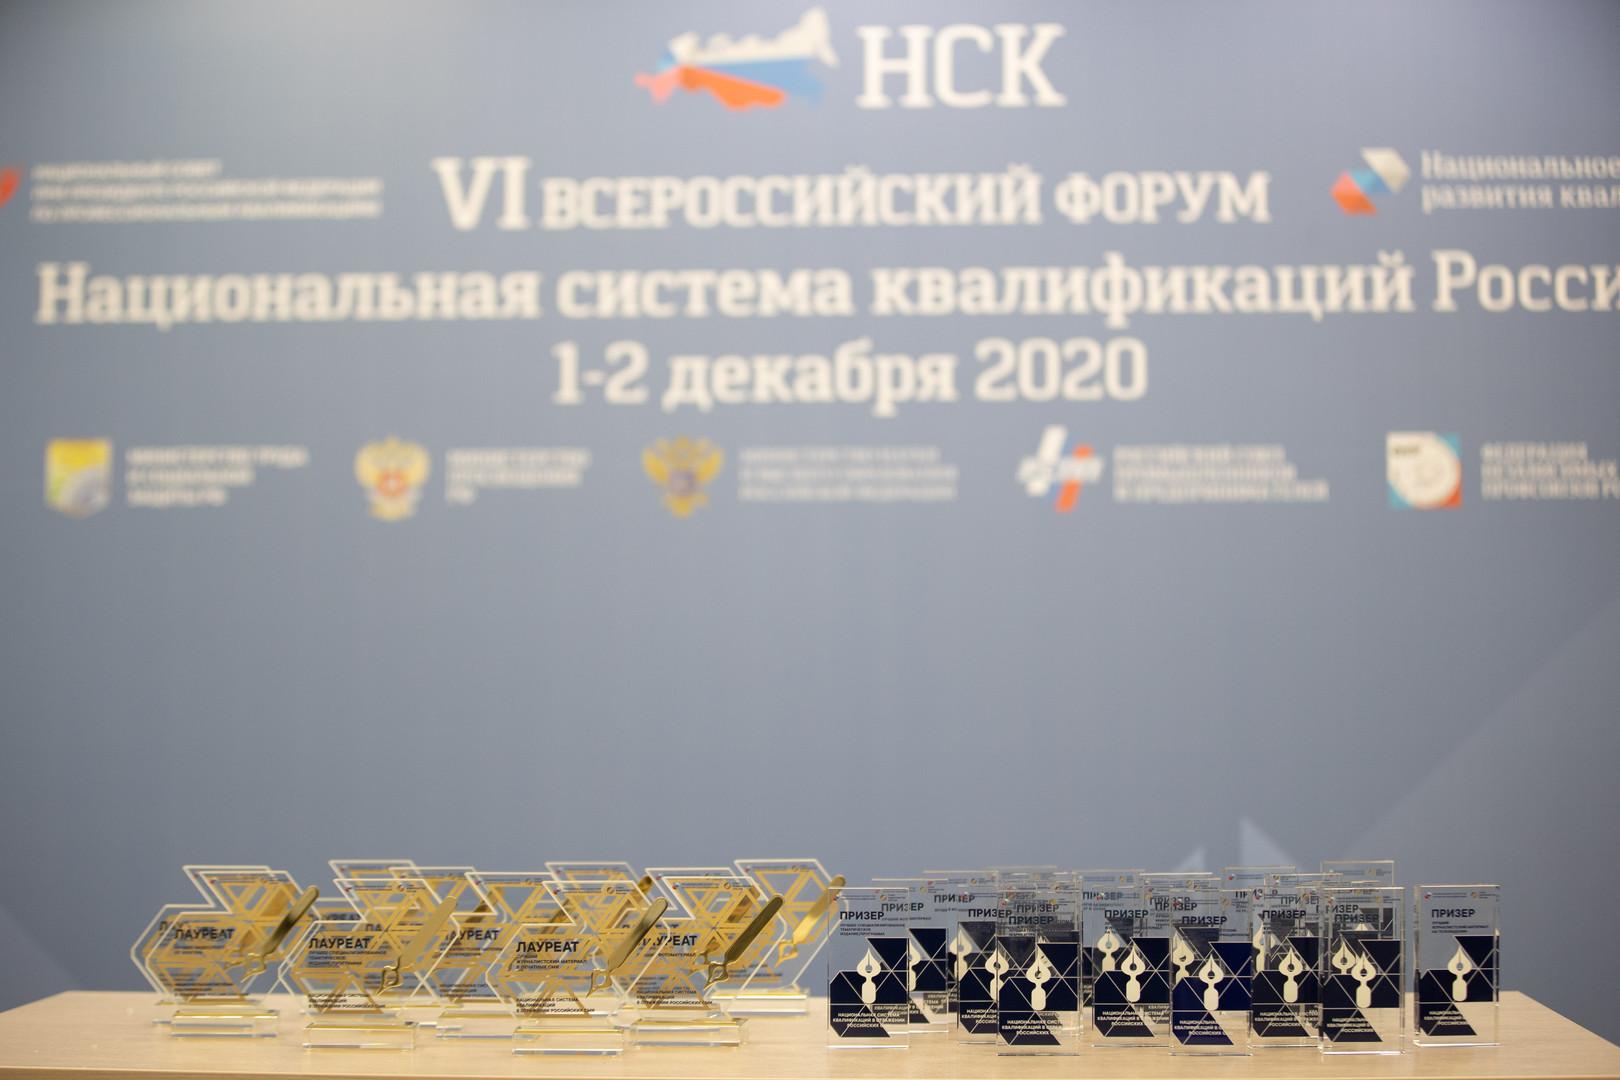 КОНКУРС ЖУРНАЛИСТОВ НСК 2020